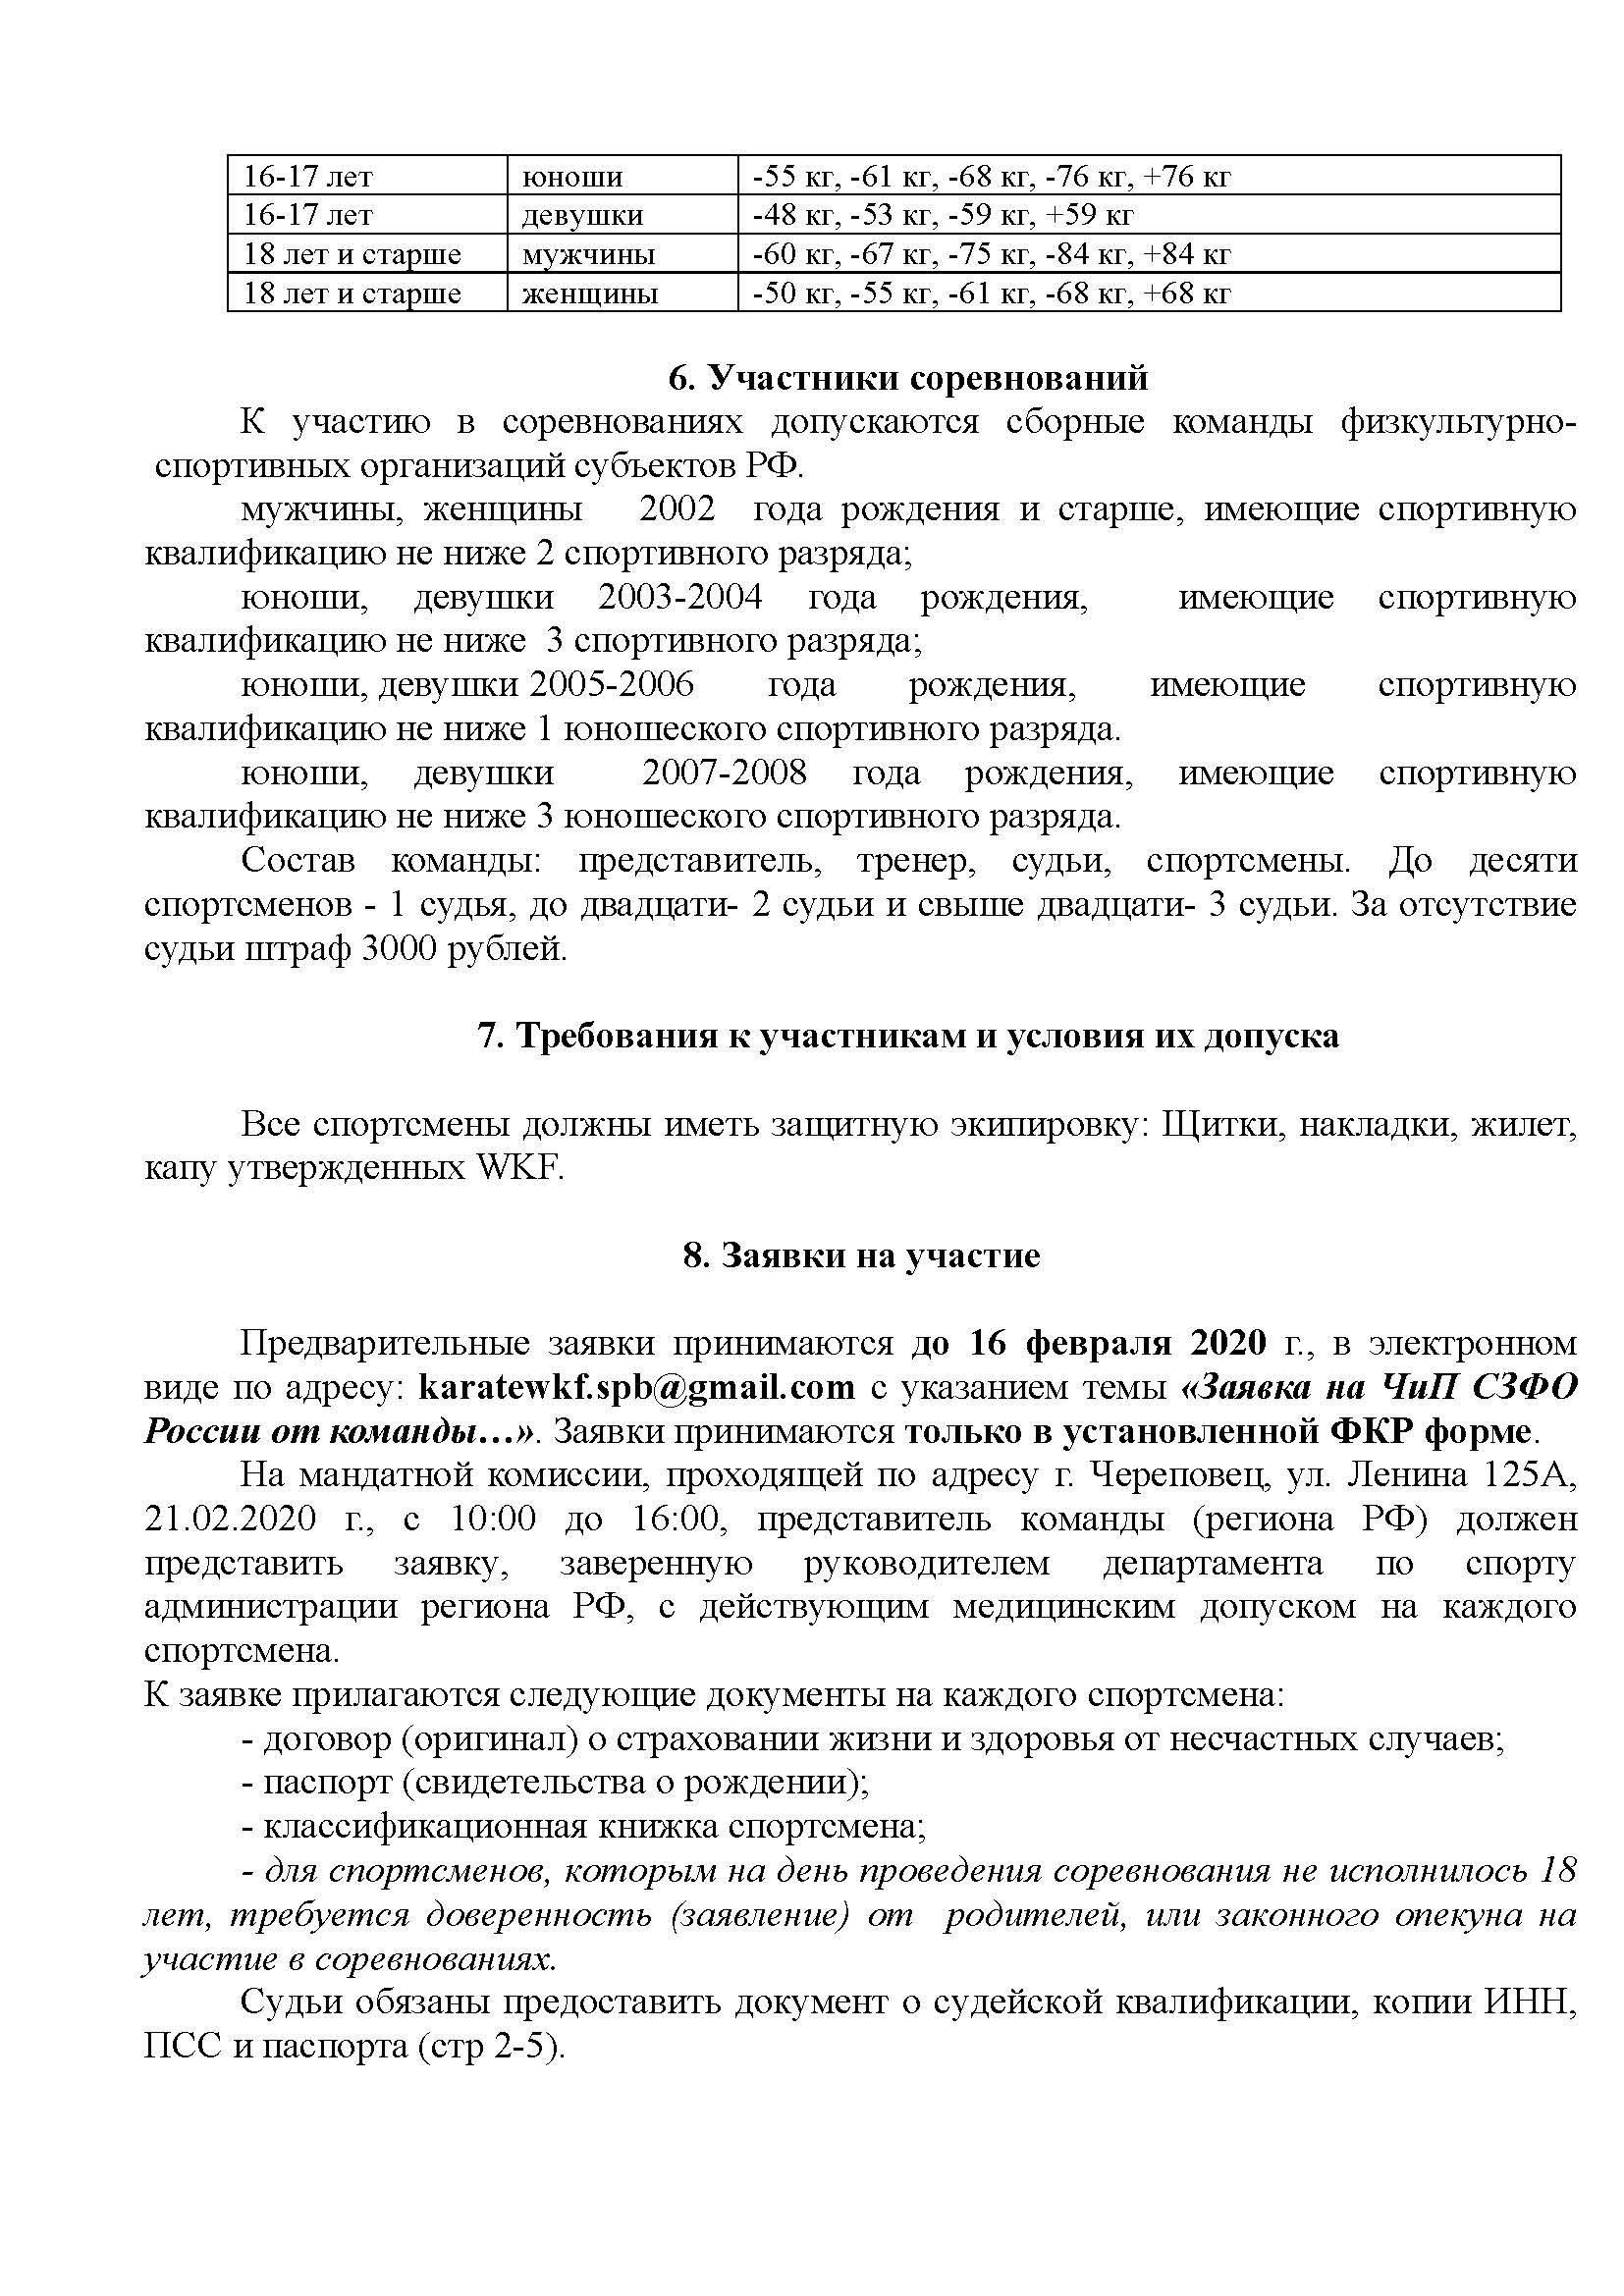 СЗФО-2020_001-OF_Страница_4